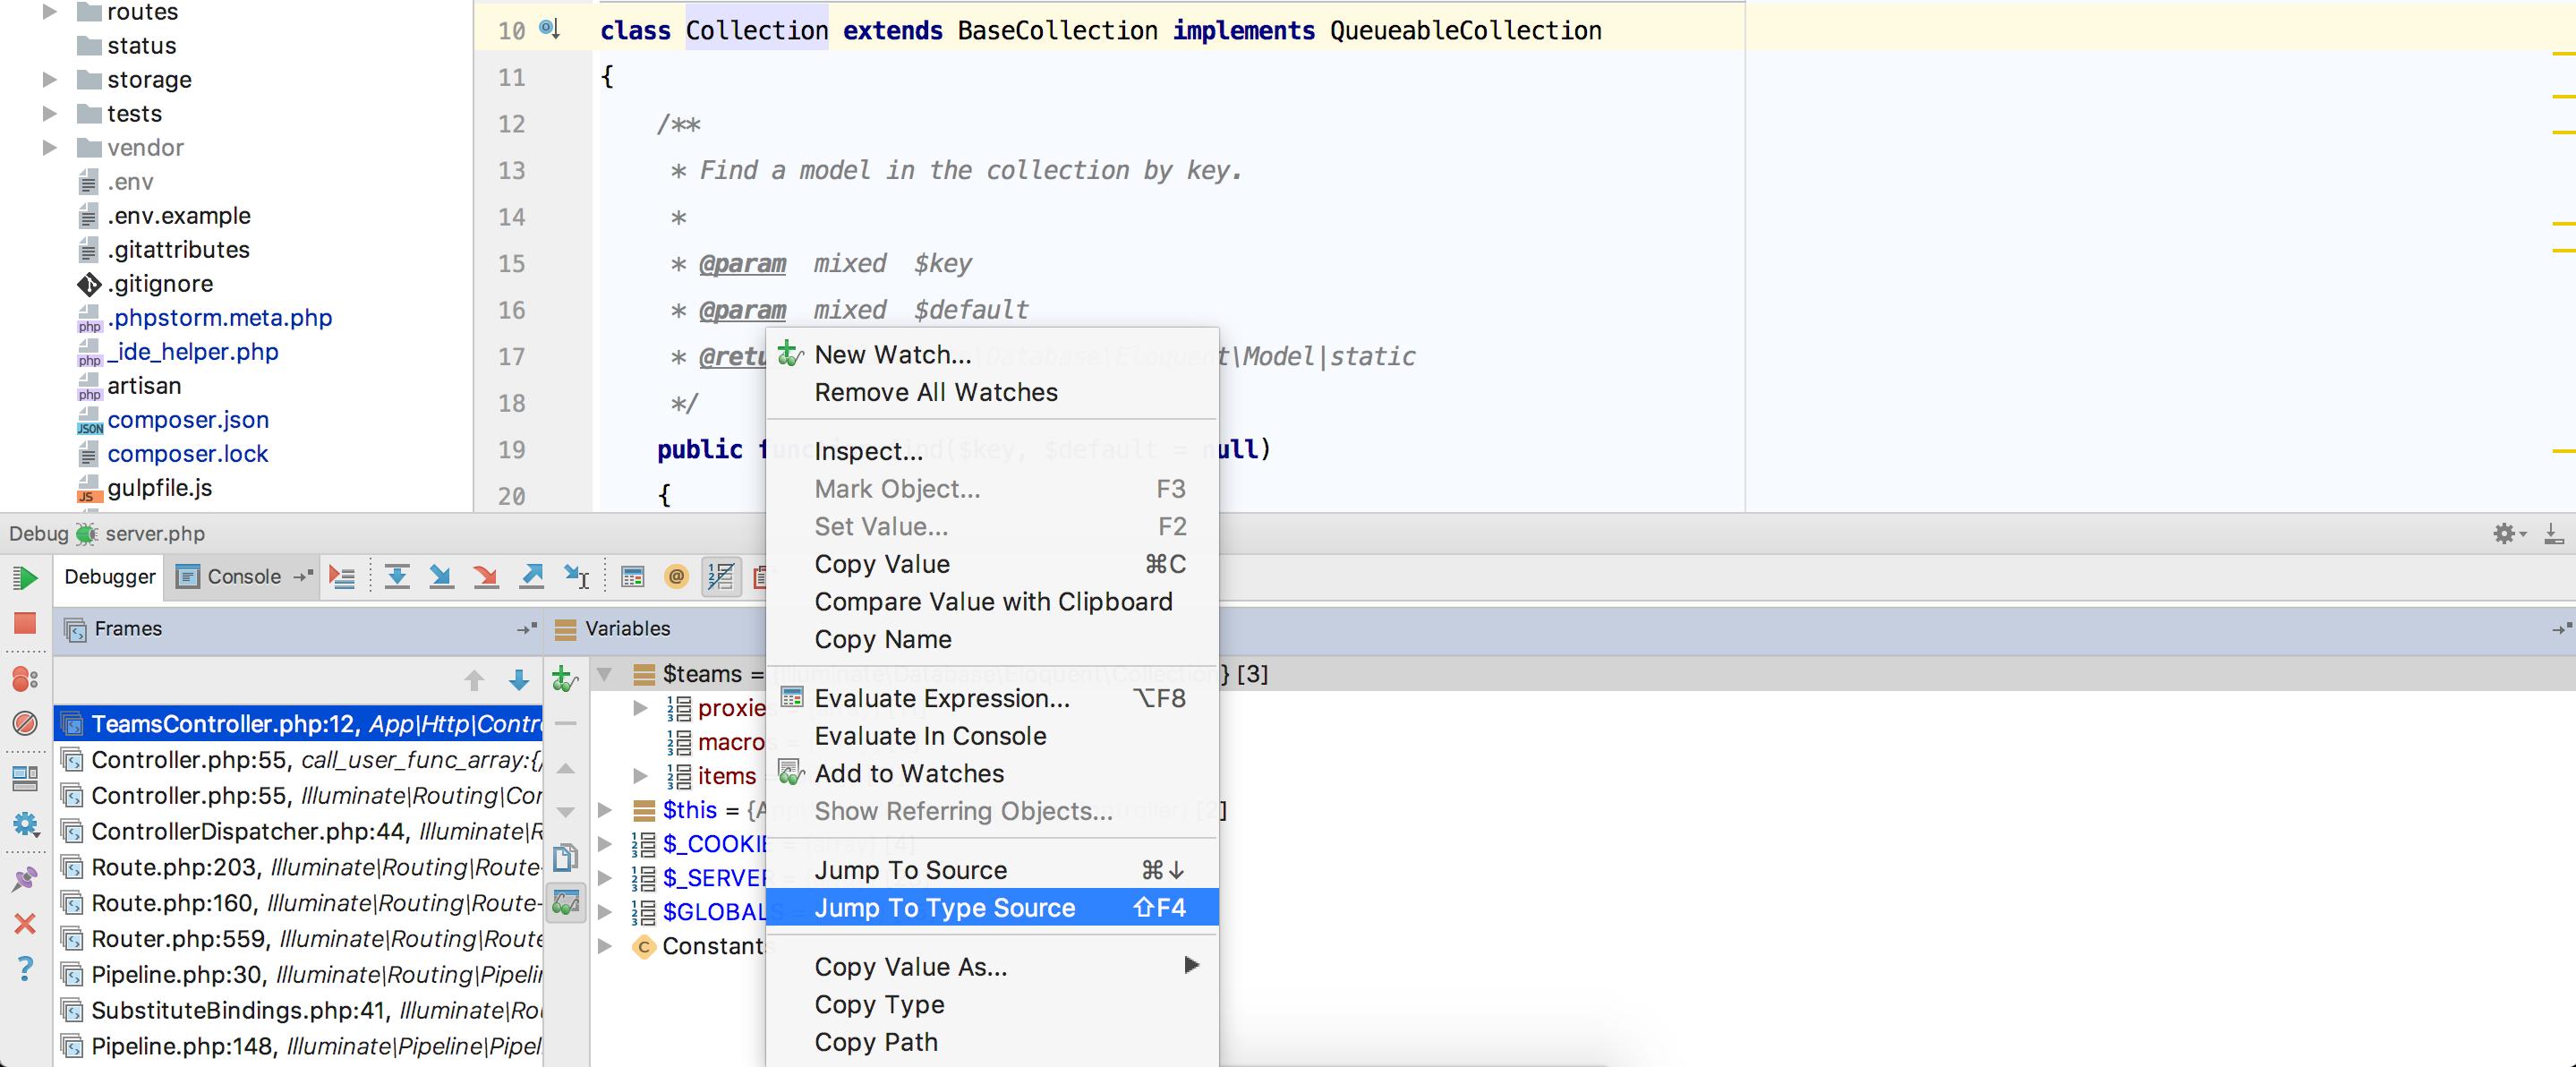 debugging-jump-to-type